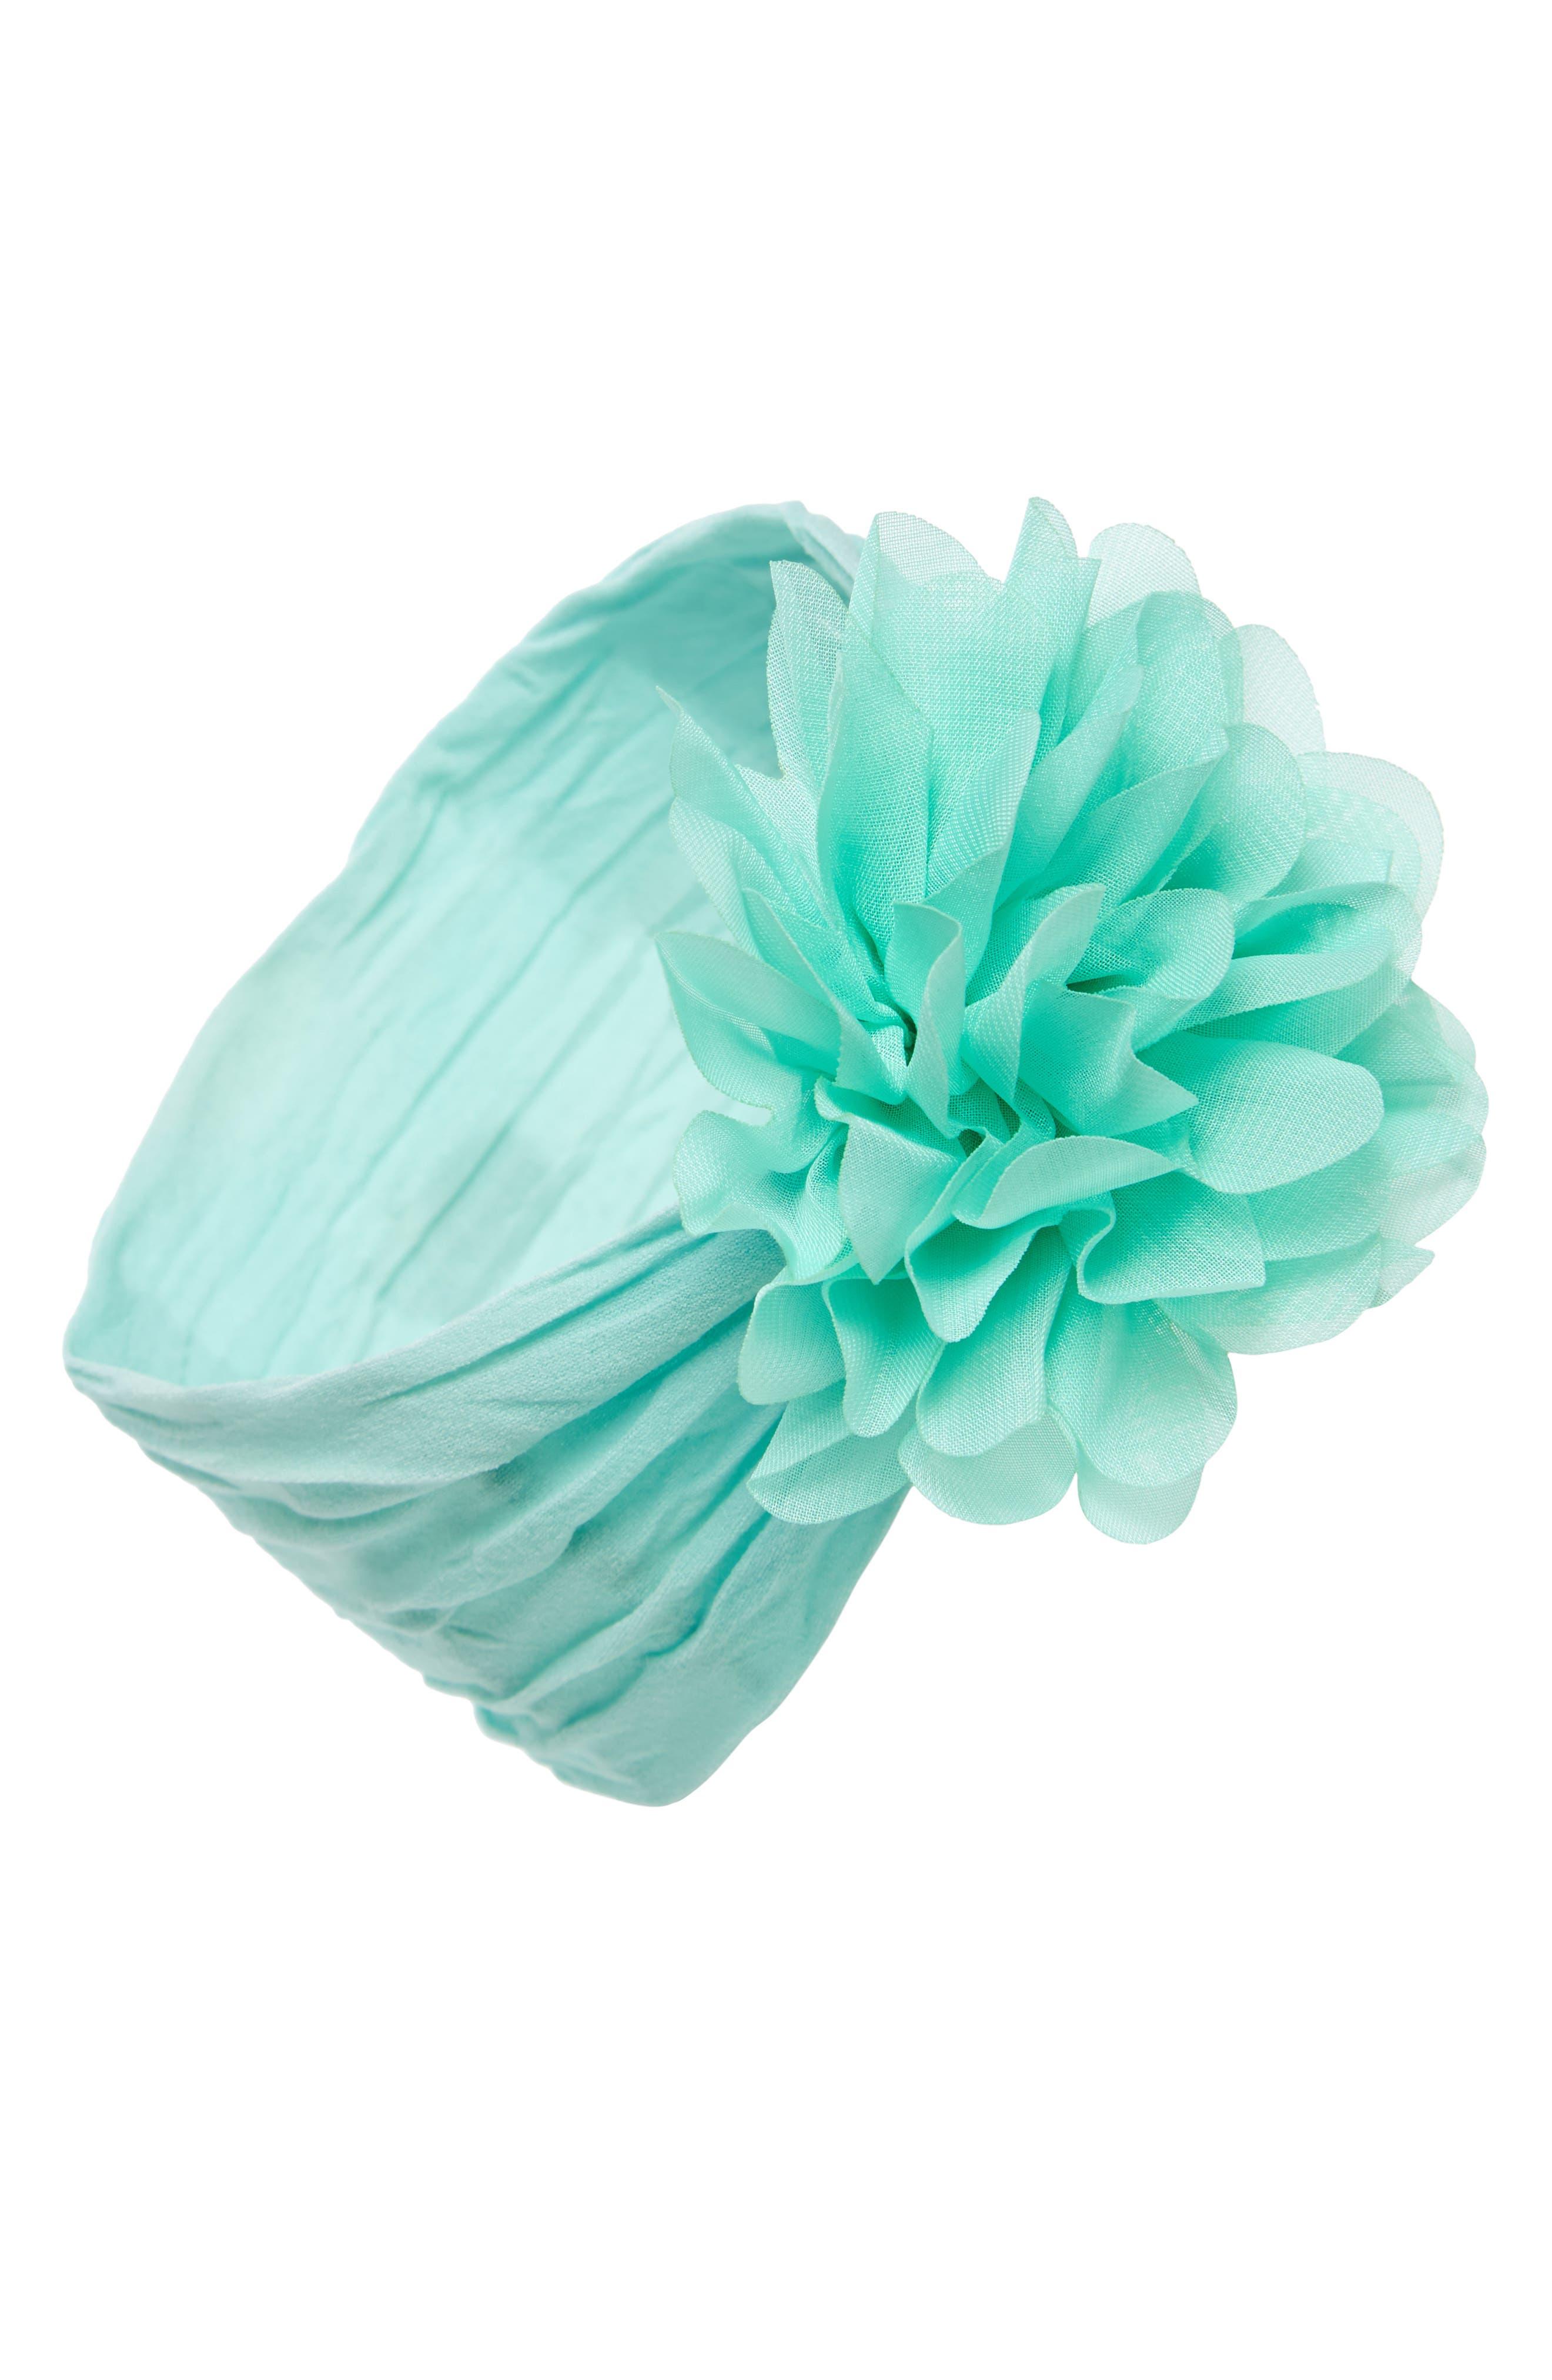 Main Image - Baby Bling Flower Headband (Baby Girls)